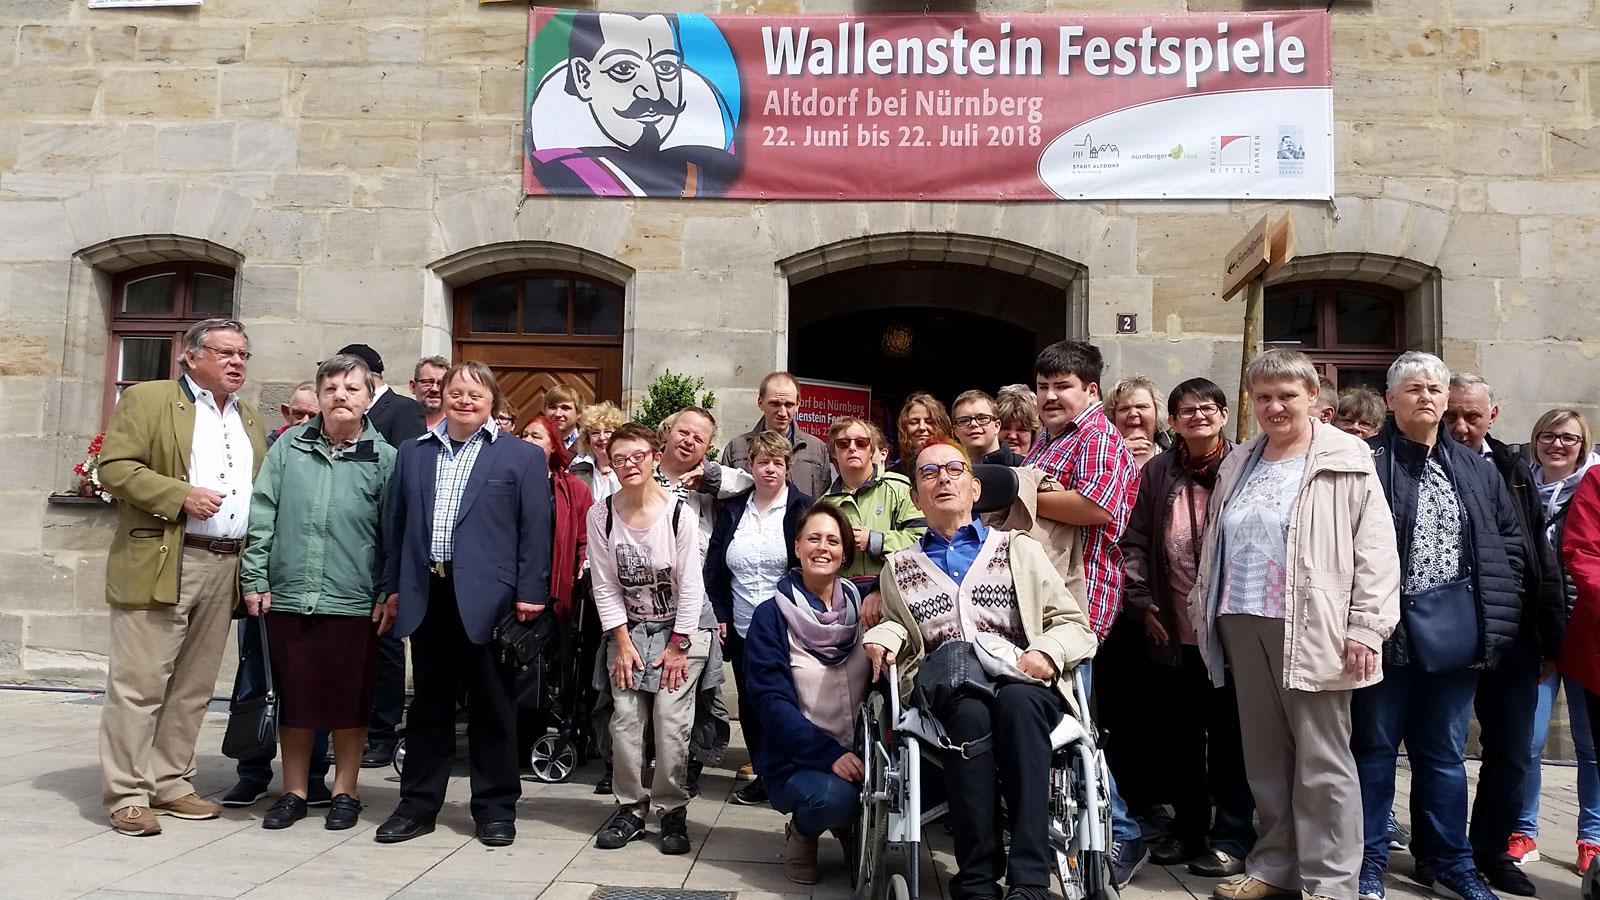 Bewohner der Lebenshilfe-Wohnstätten besuchten Wallensteinfestspiele.